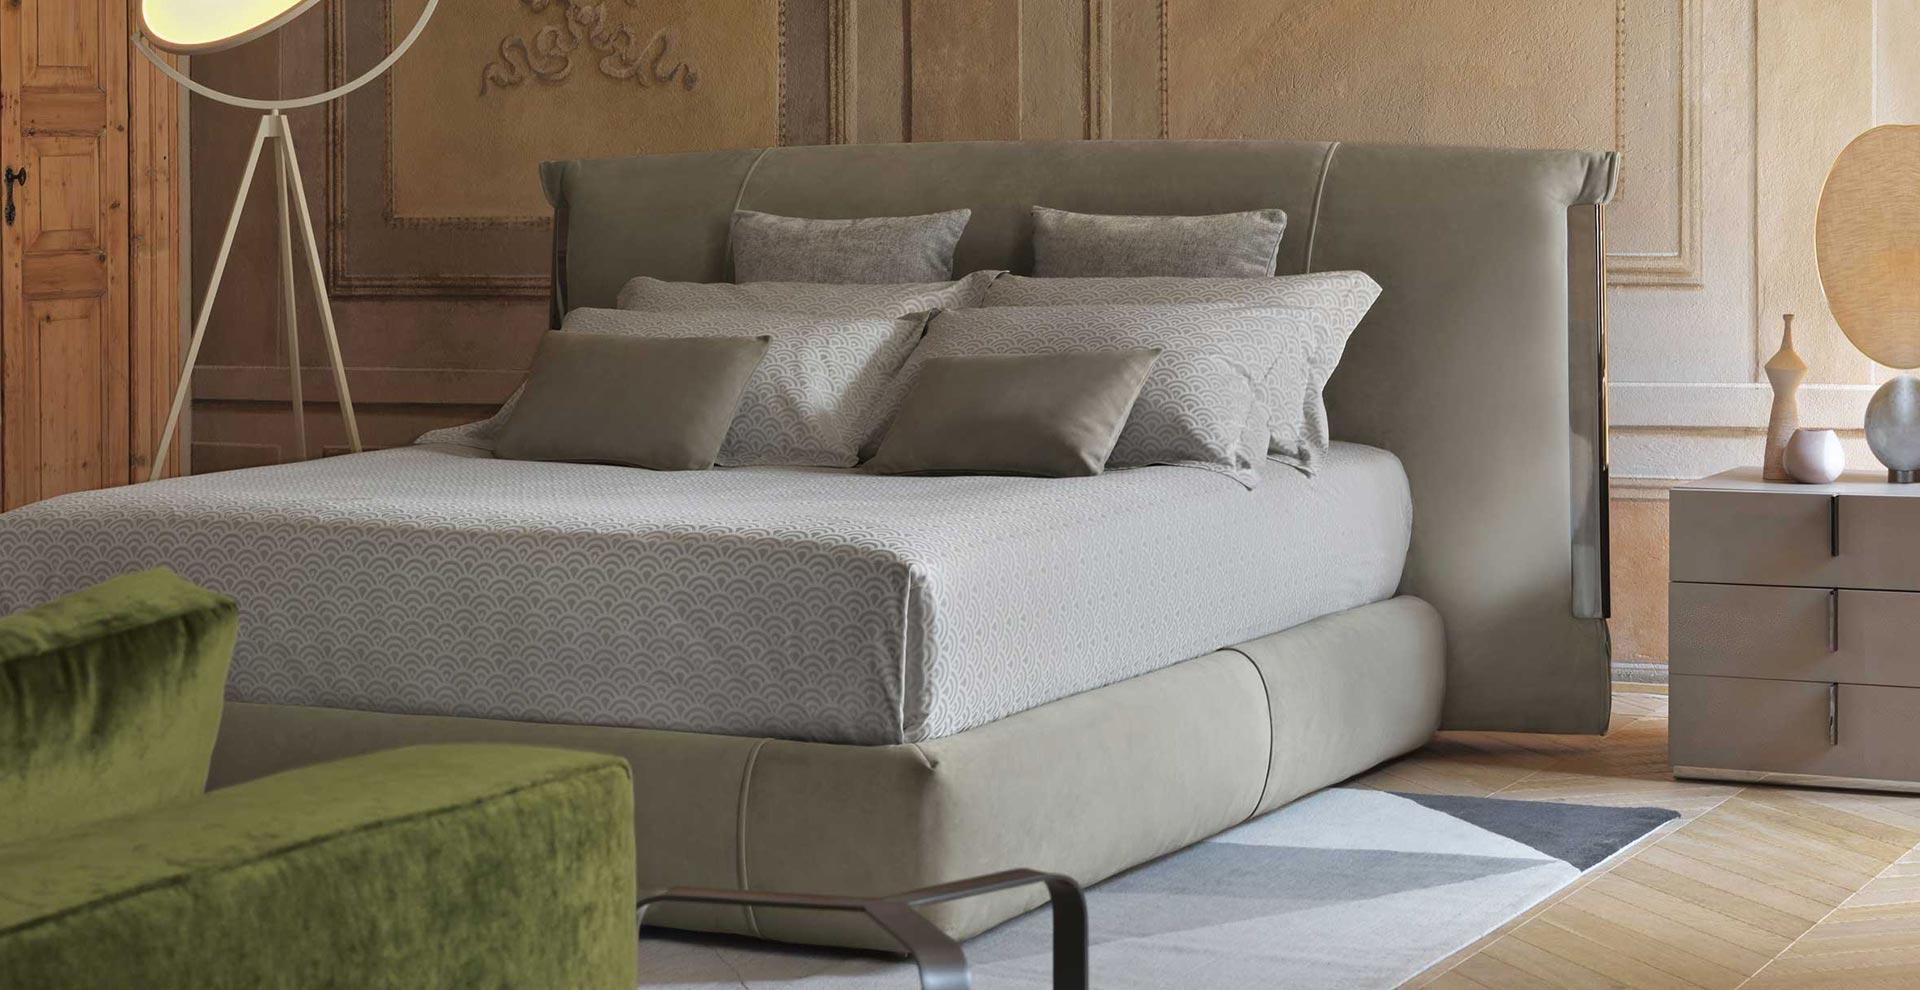 Beautiful letto nathalie flou pictures acrylicgiftware - Letto flou nathalie prezzi ...